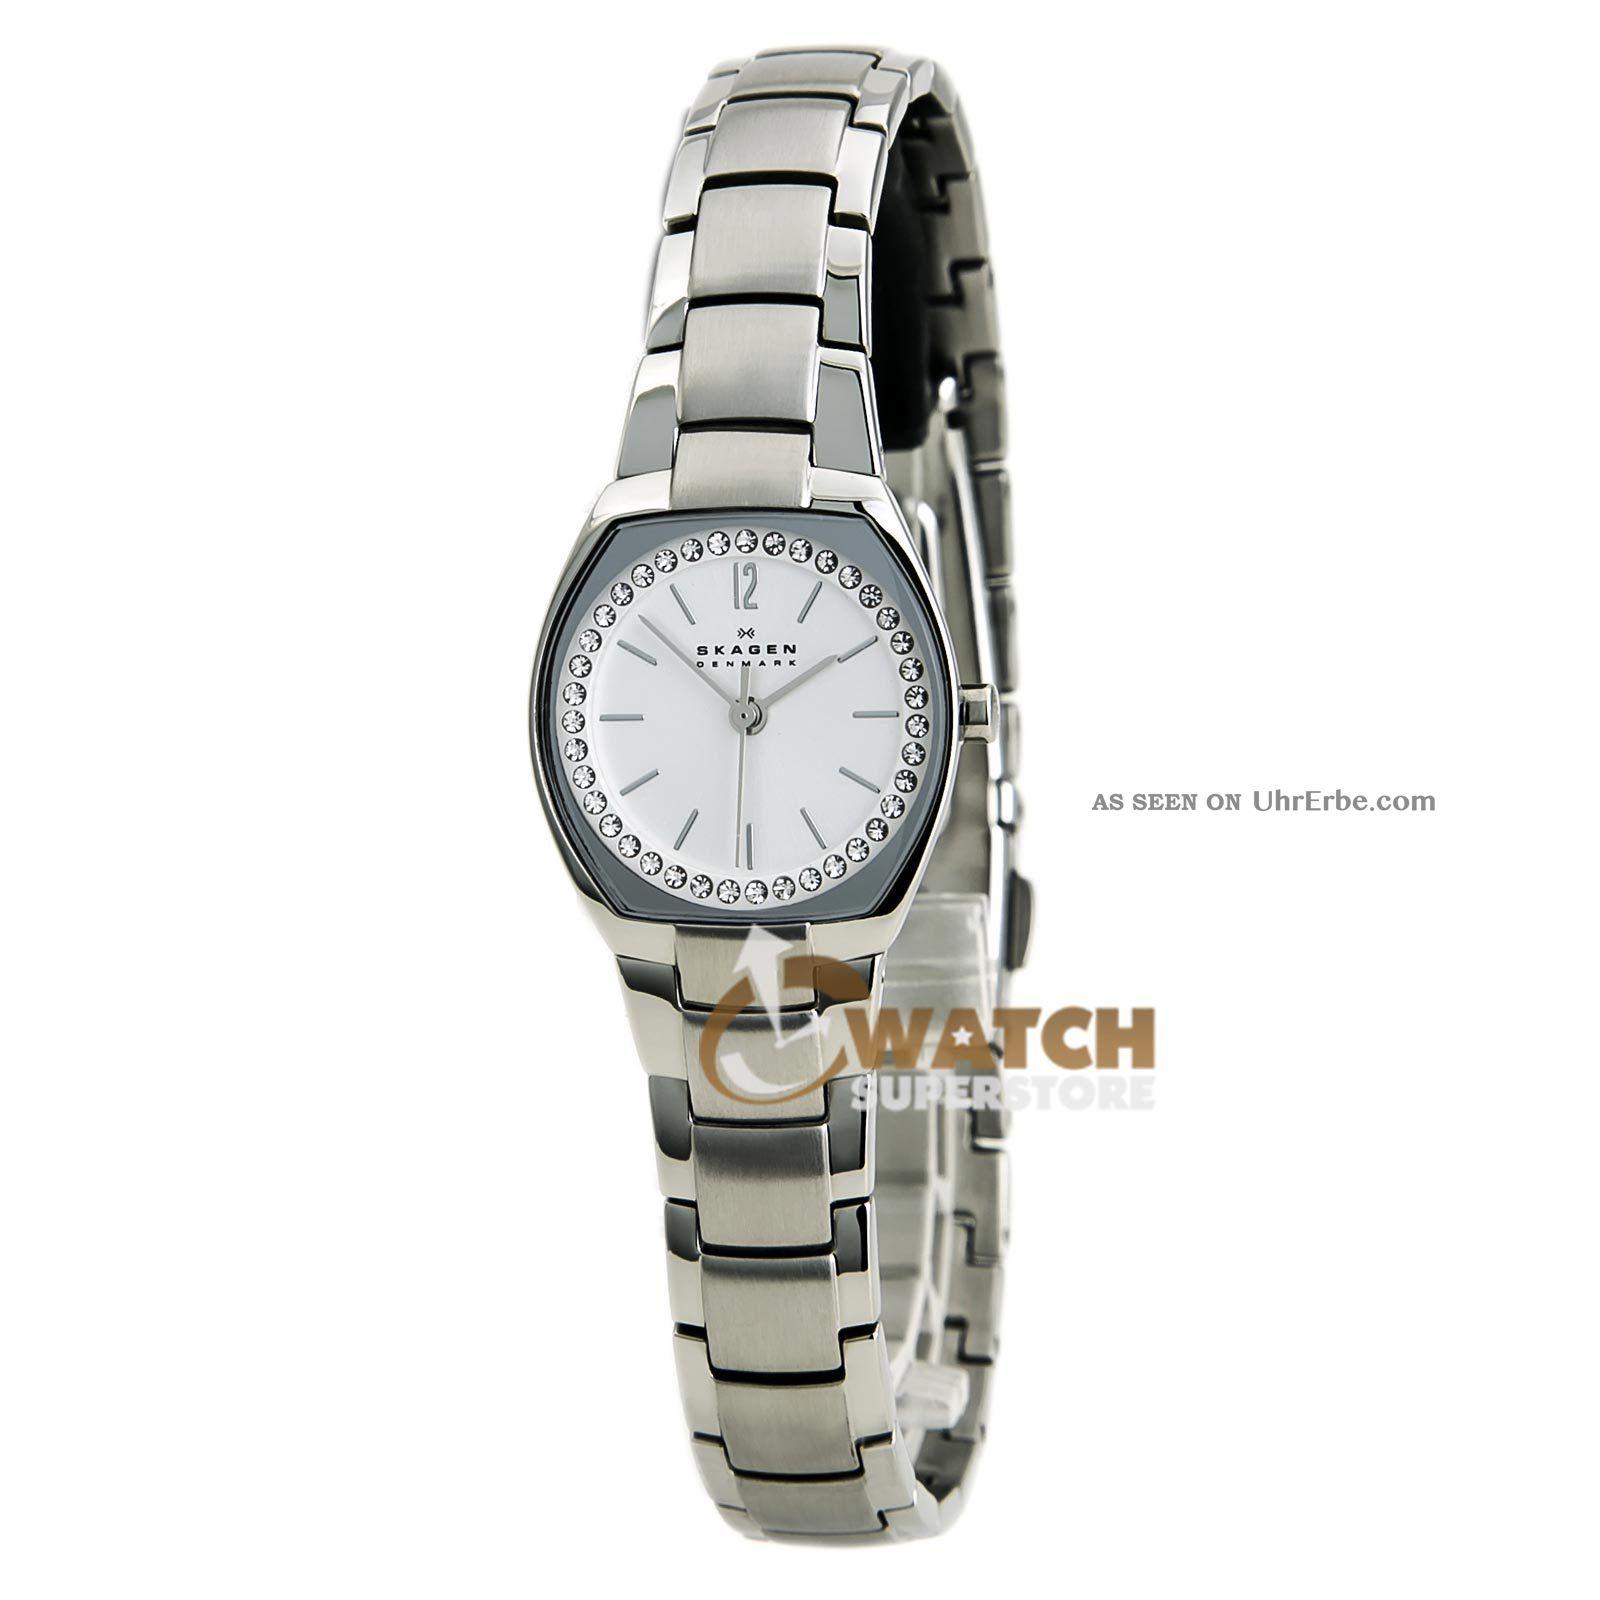 Armbanduhr Skagen Skw2110 Damen Uhr Kristall Silber Edelstahl Armband Armbanduhren Bild